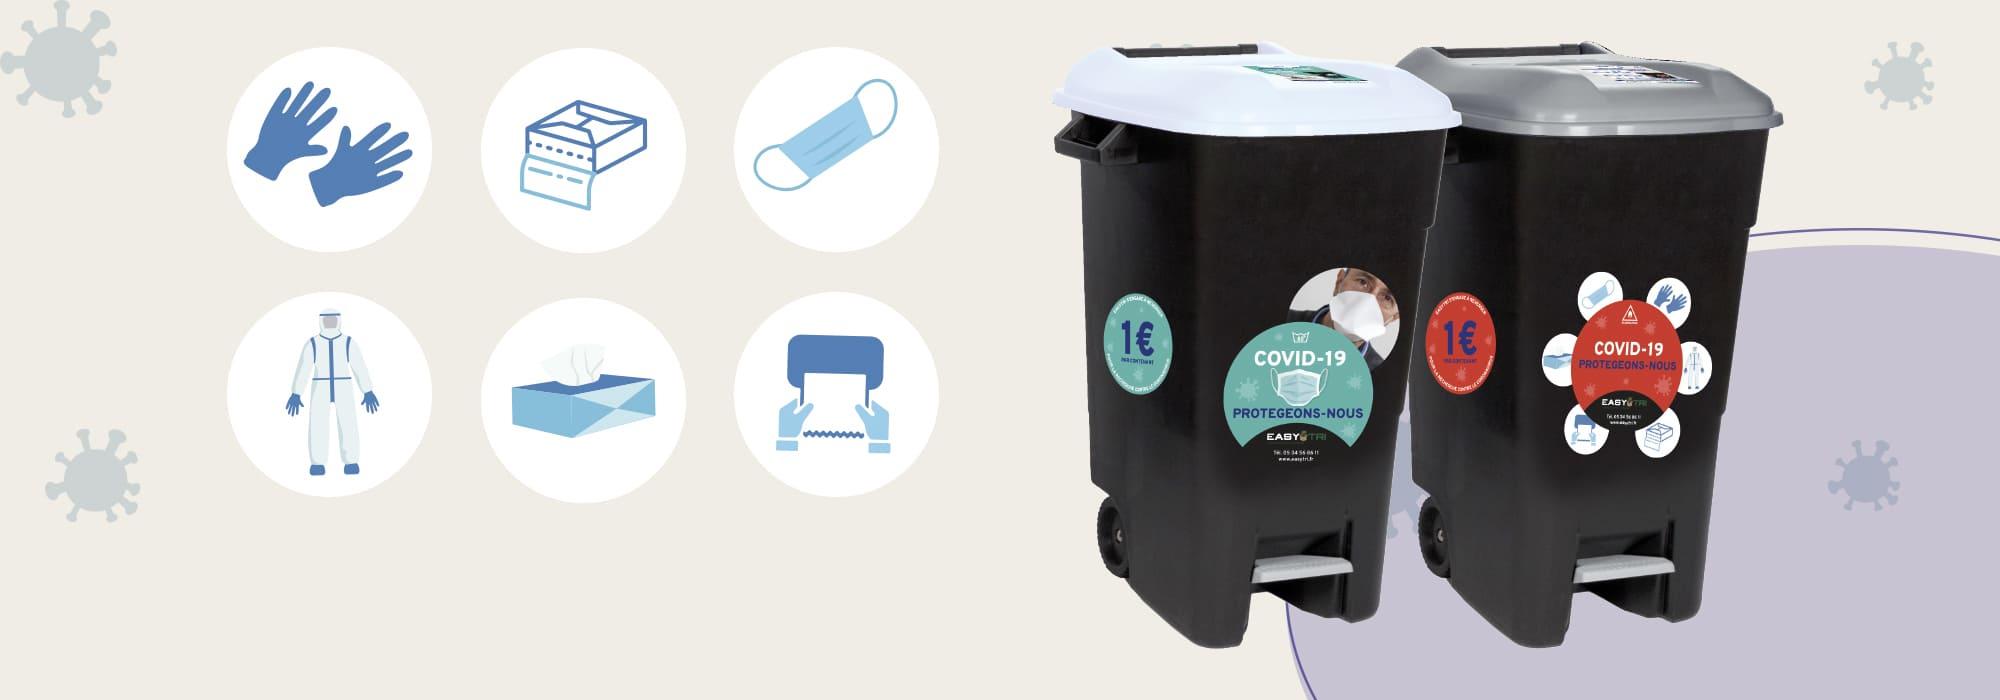 Offres spéciales protocole sanitaire Covid : gestion, tri et recyclage des masques en entreprise